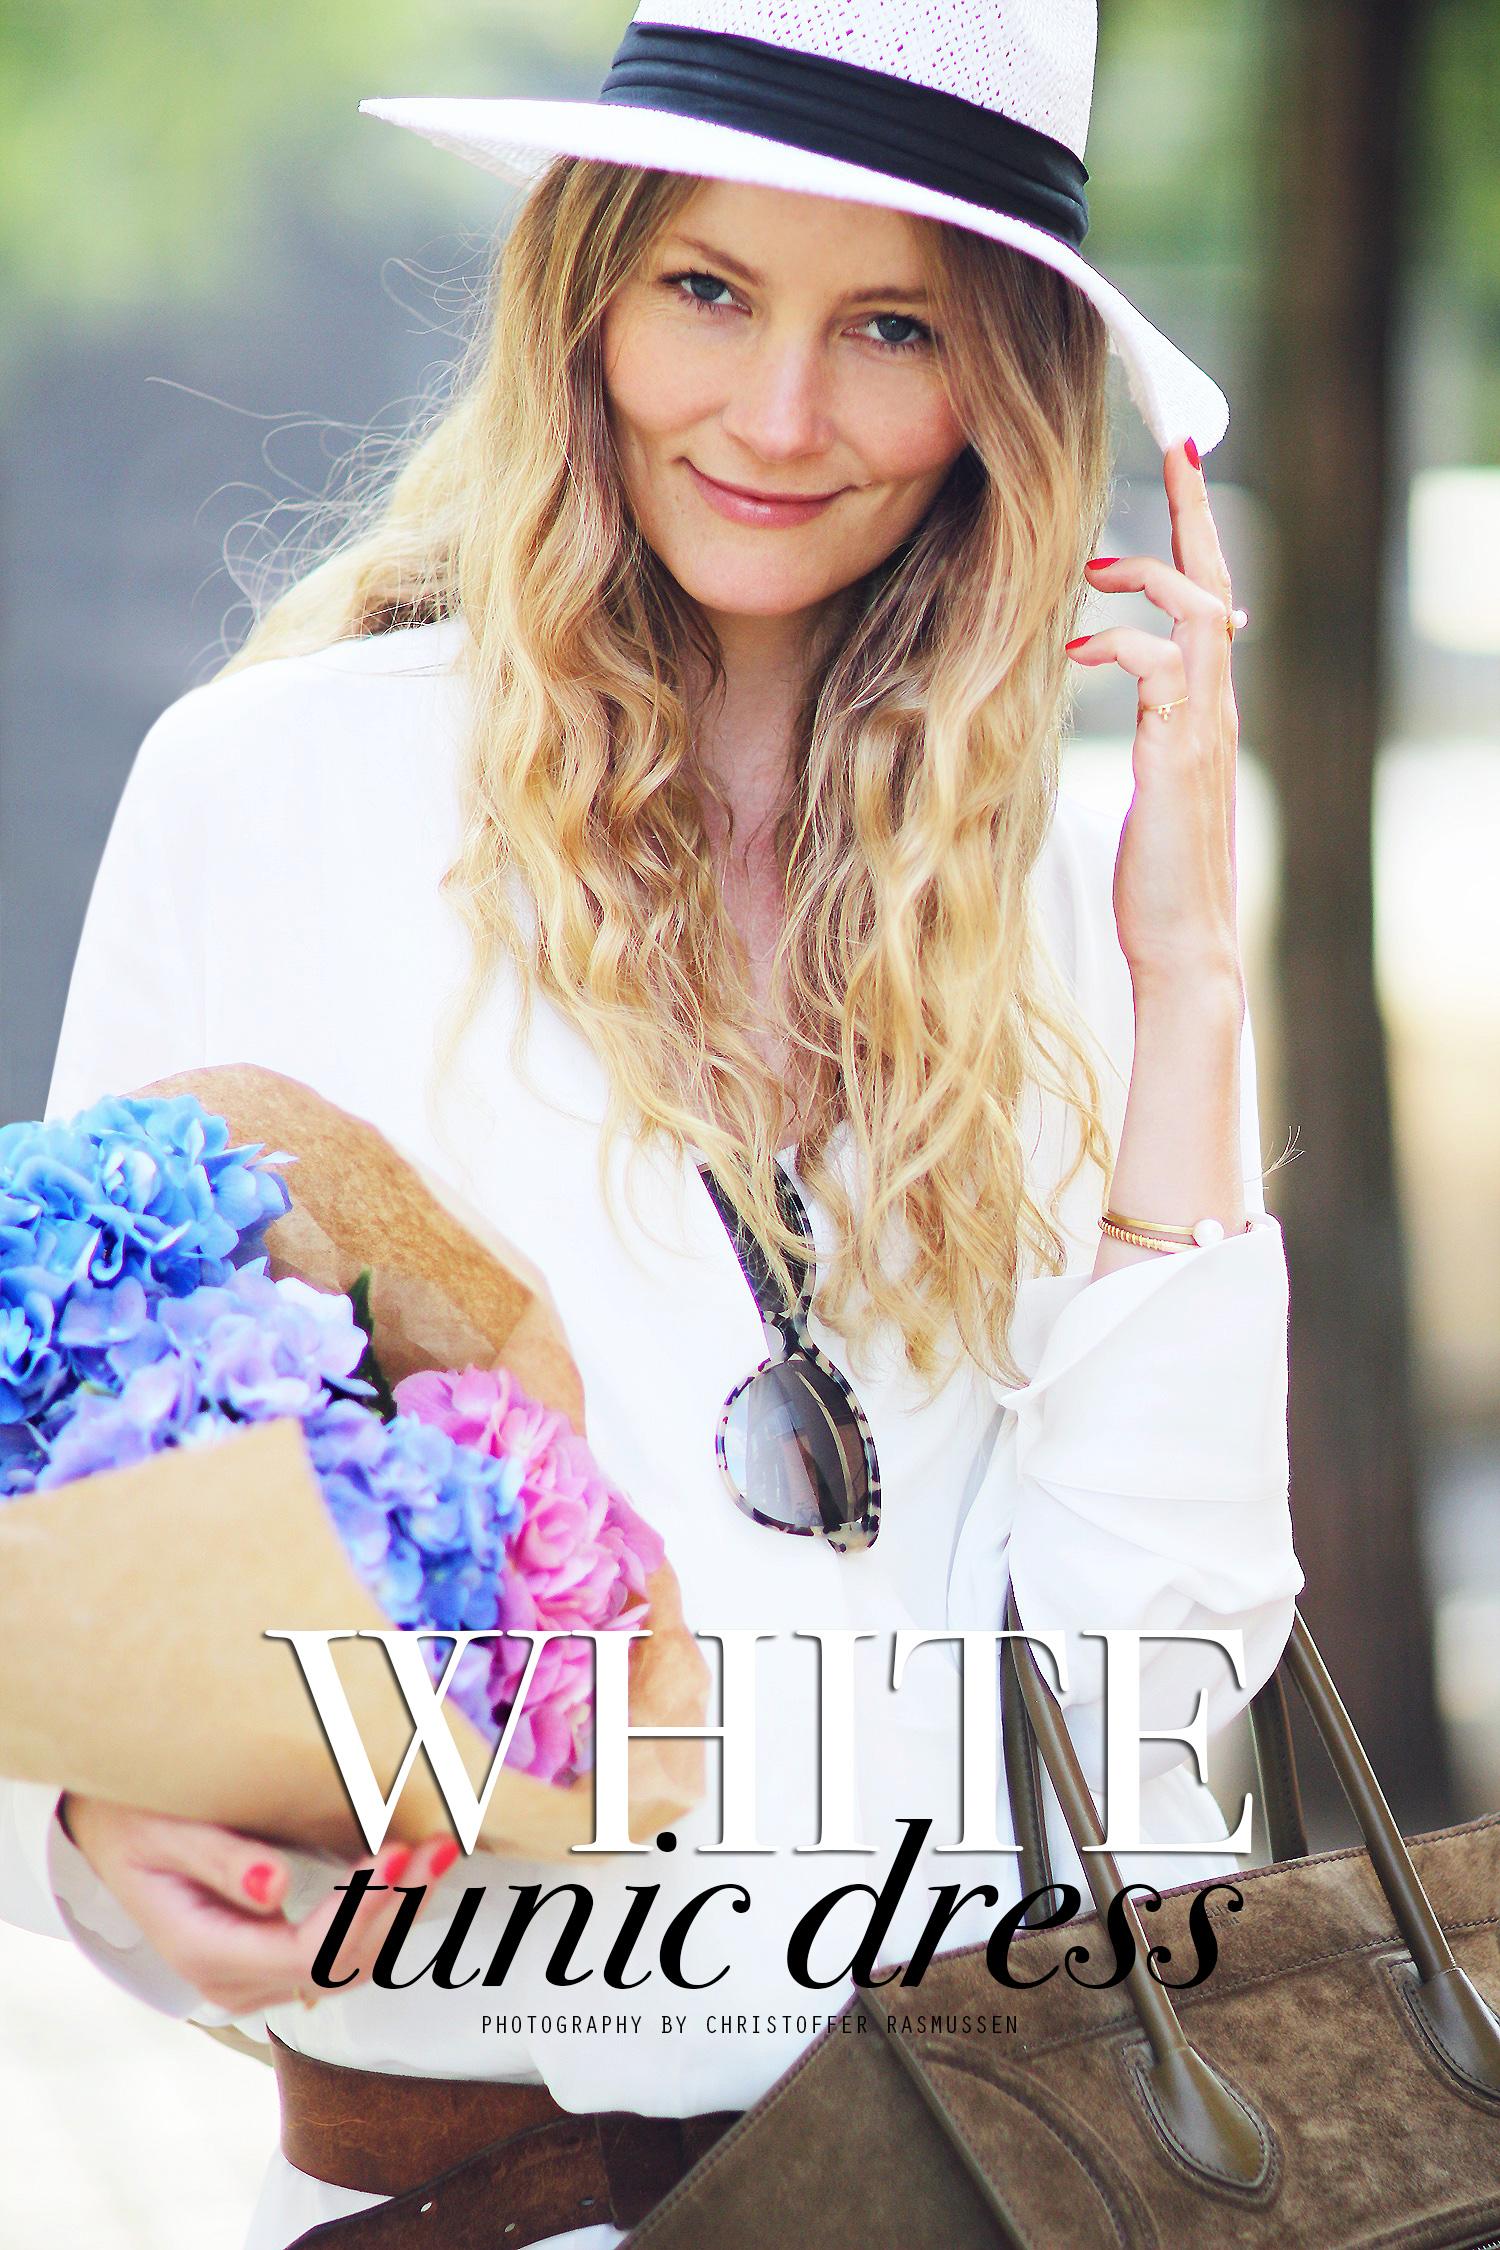 white-tunic-dress@2x